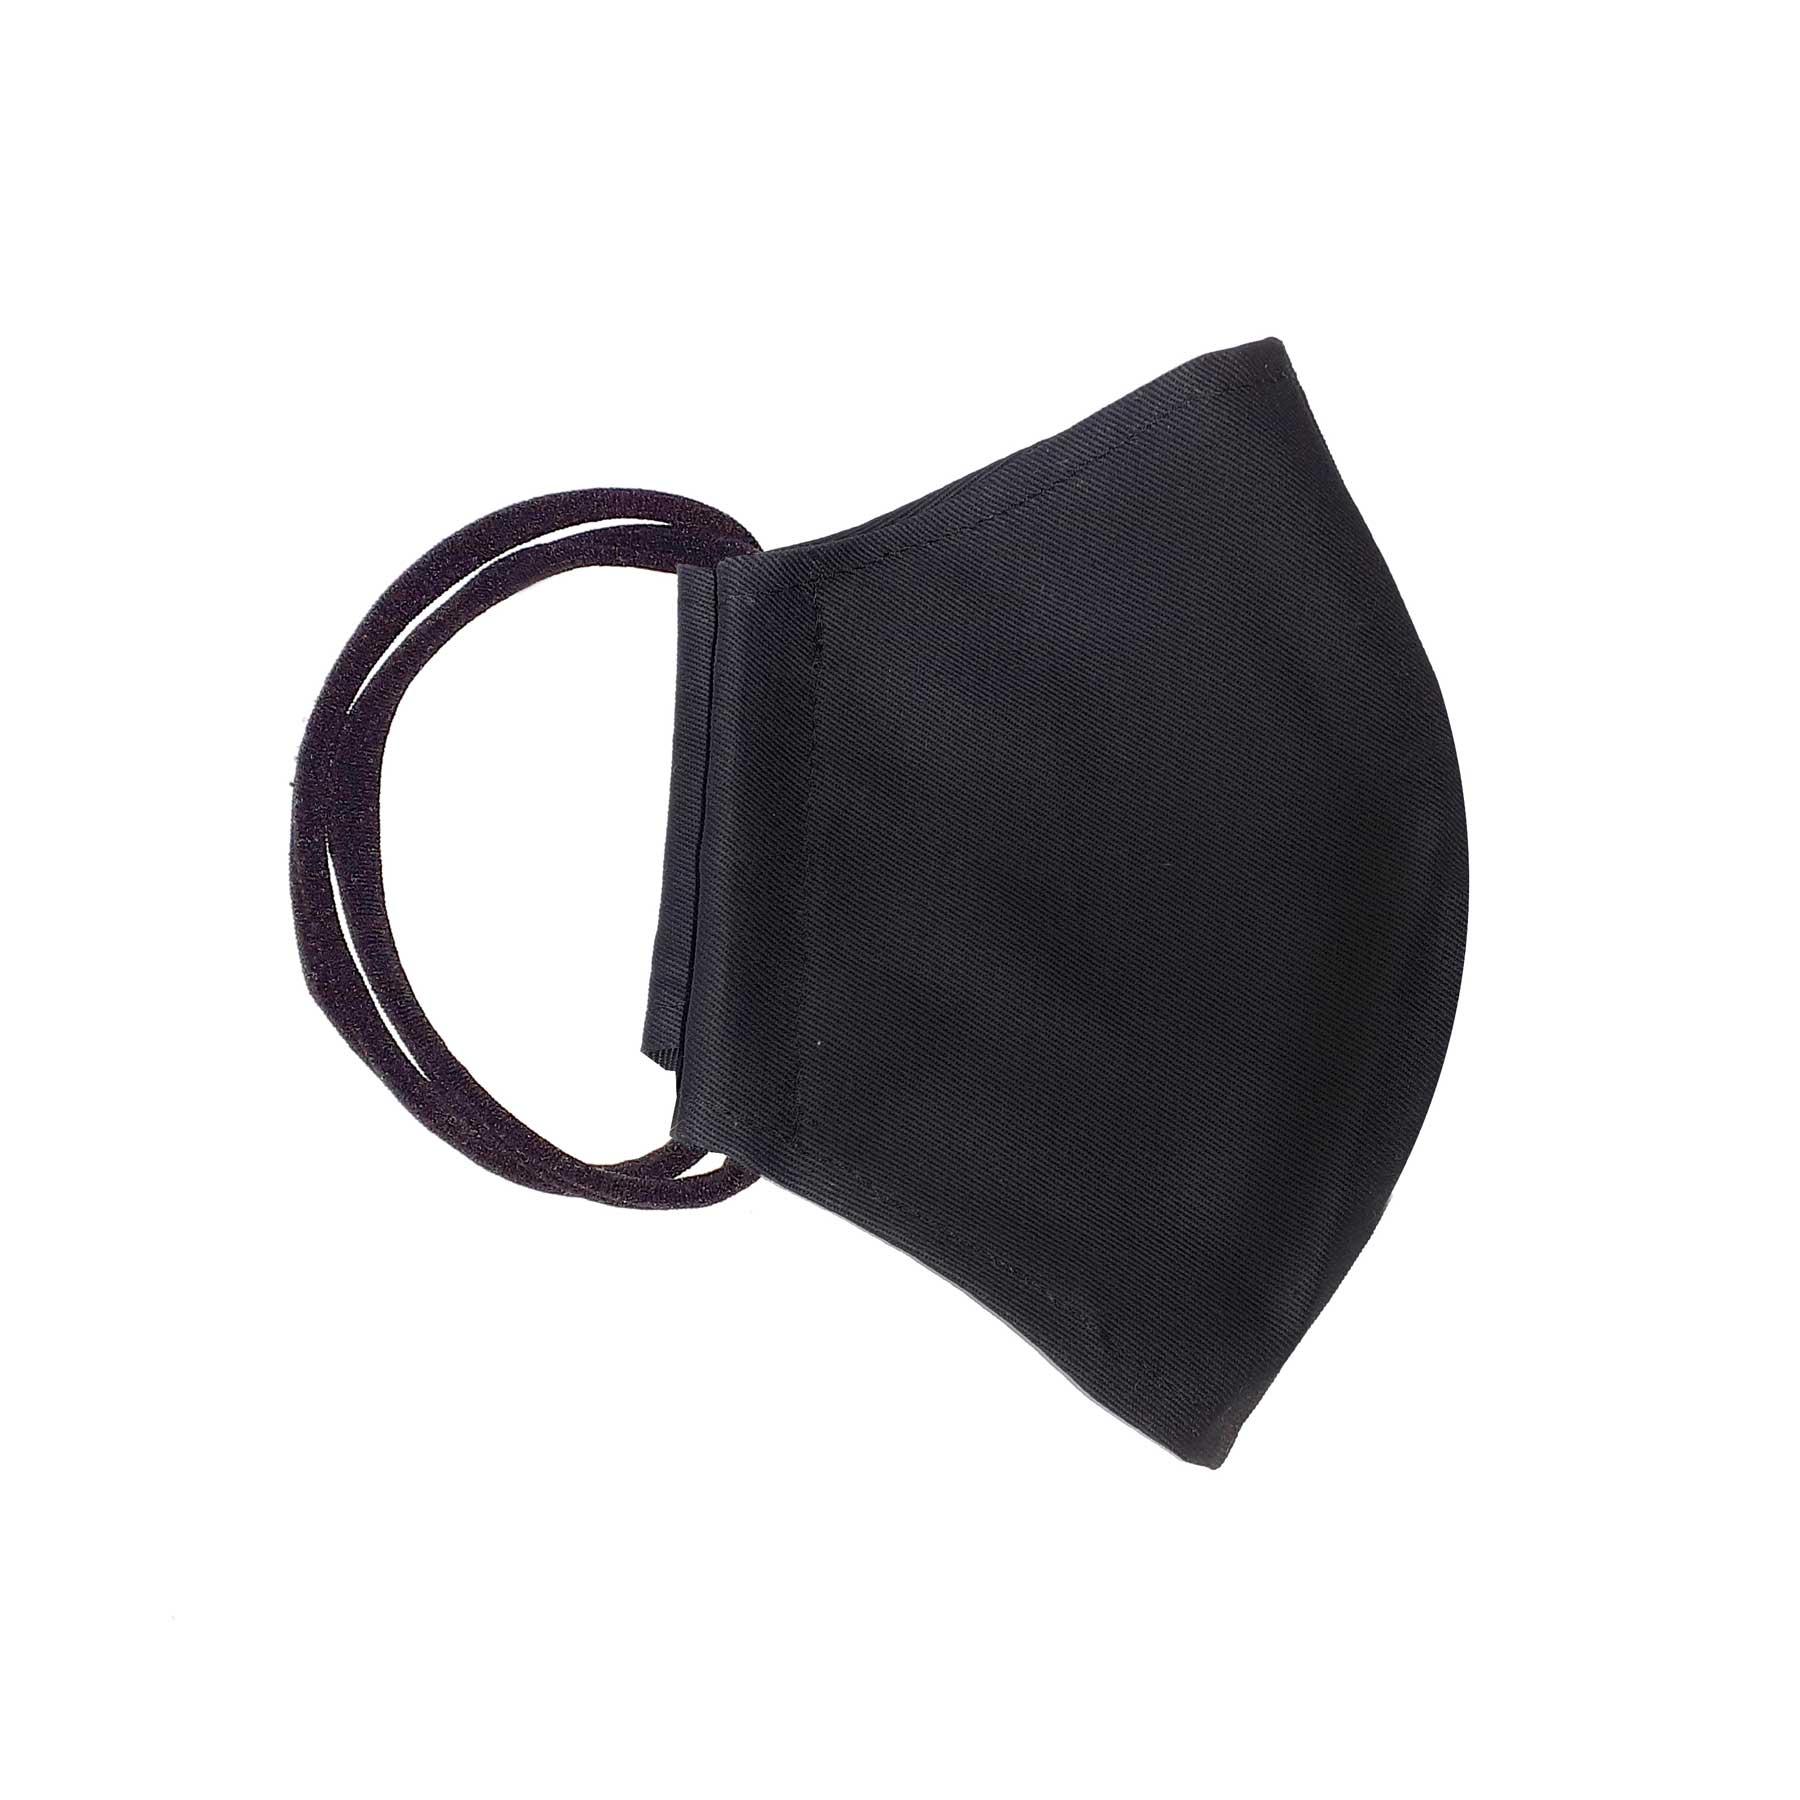 Módní bavlněné ústní roušky tvarované jednobarevné, třívrstvé s gumičkami dámské